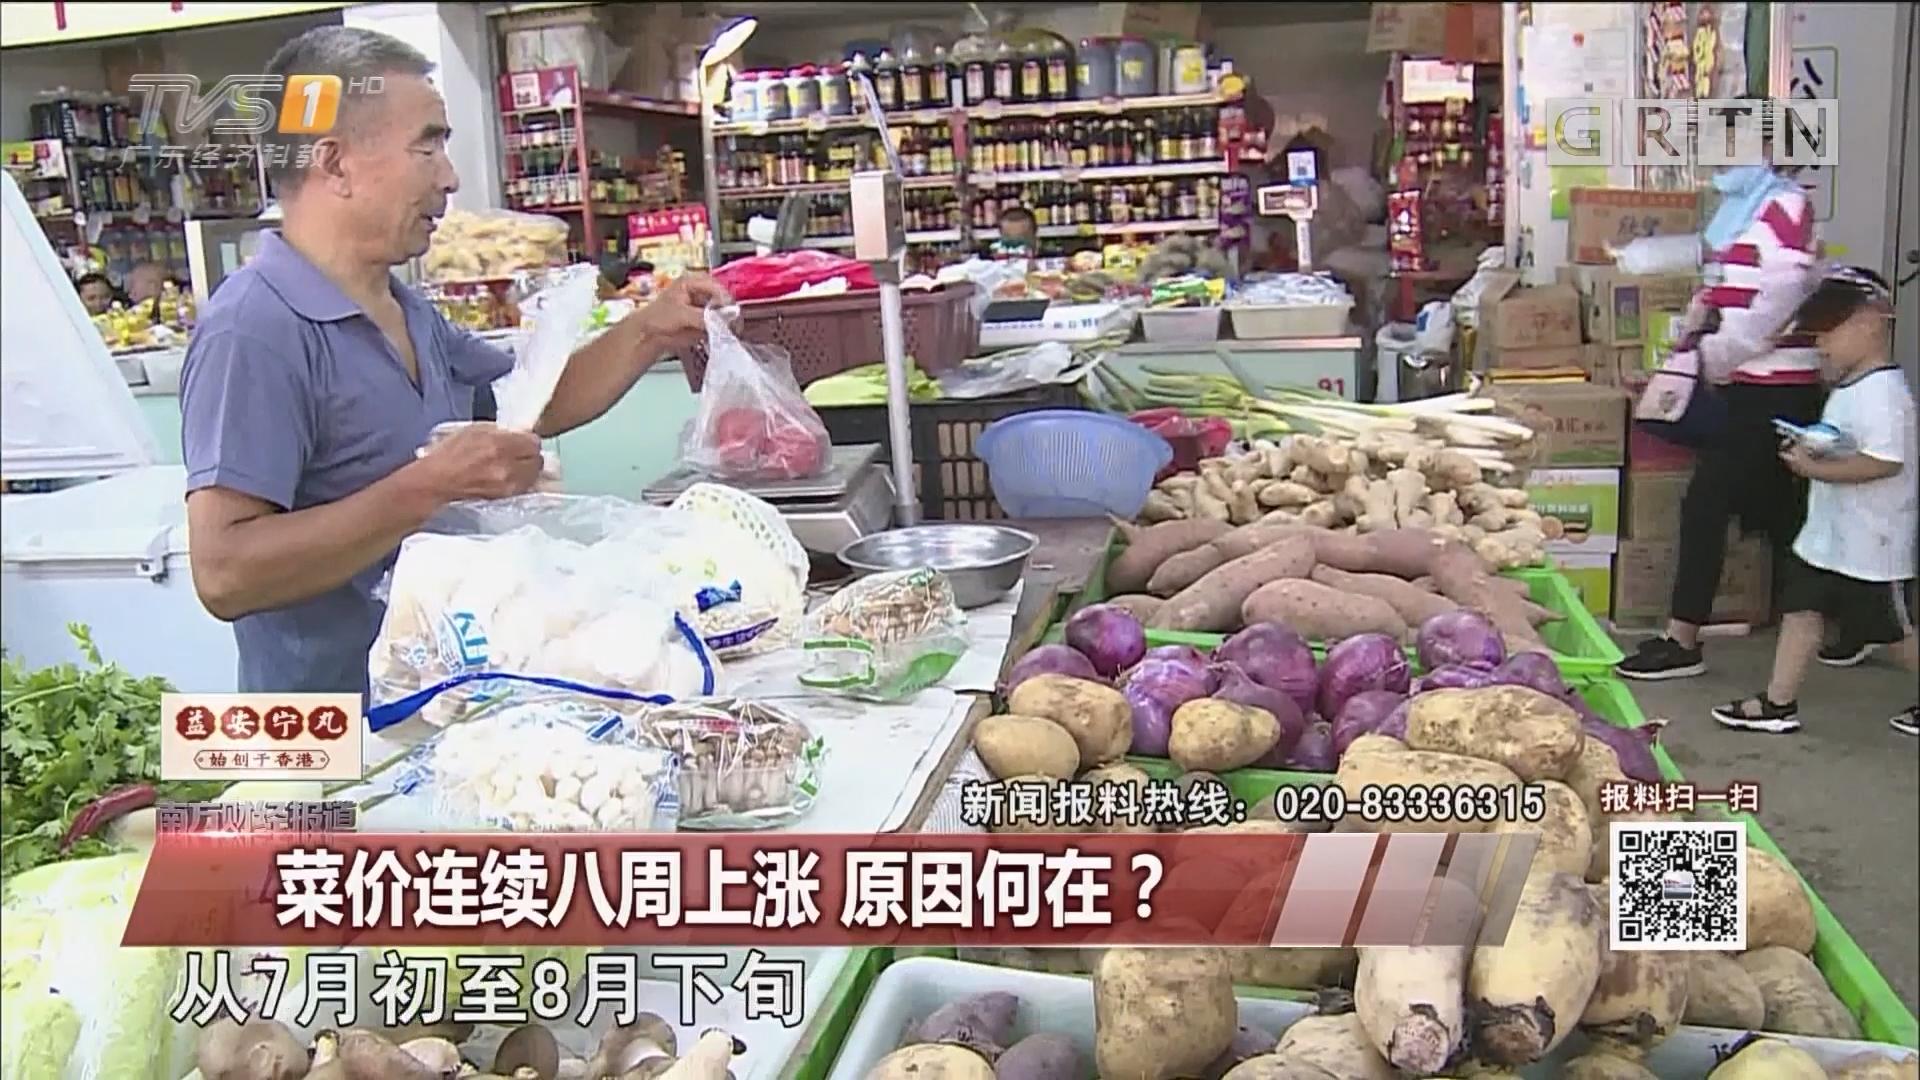 菜价连续八周上涨 原因何在?